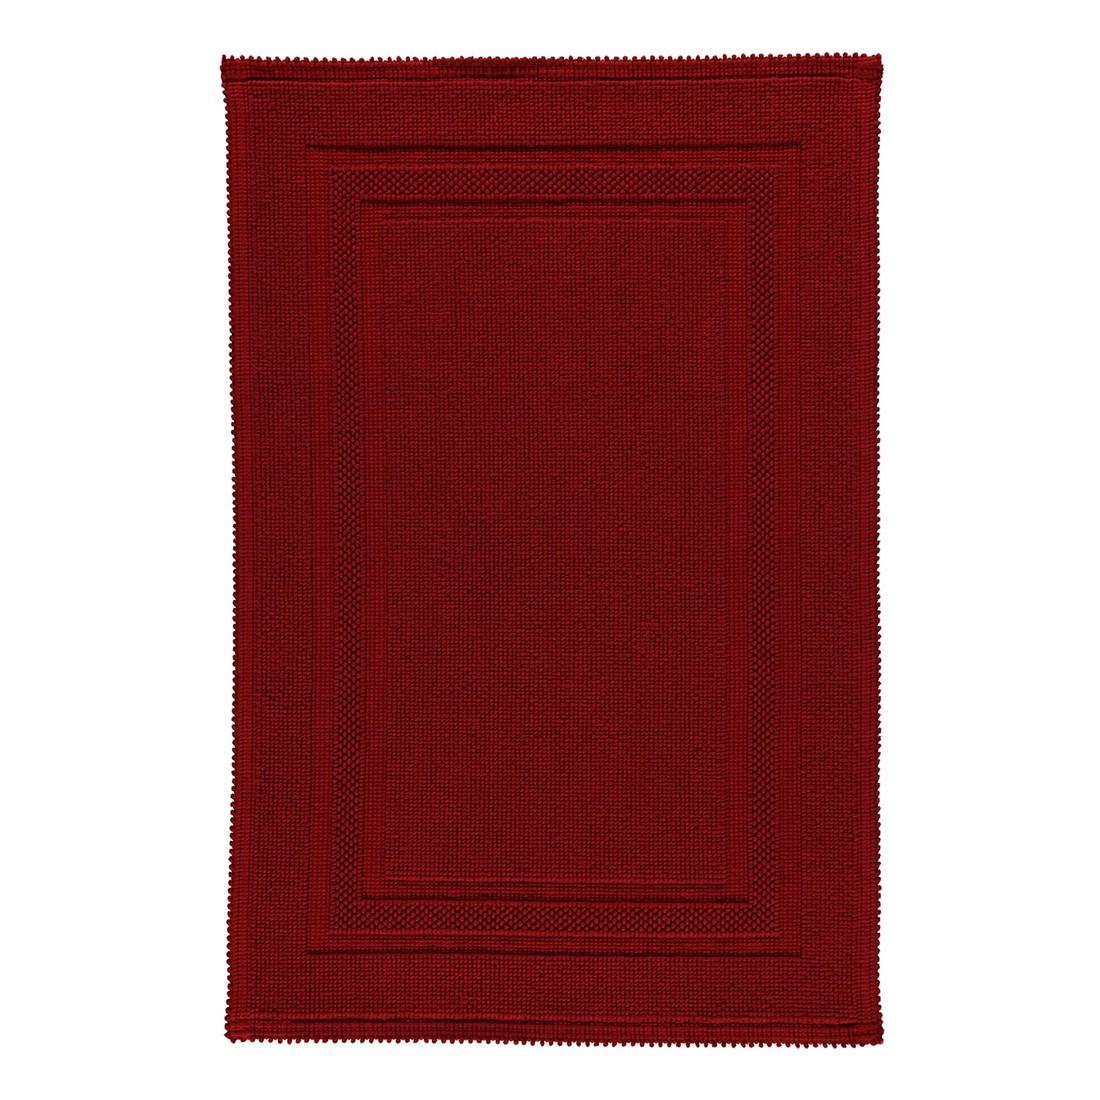 Badteppich Grace – 100% Baumwolle cardinal – 349 – 60 x 90 cm, Rhomtuft online bestellen